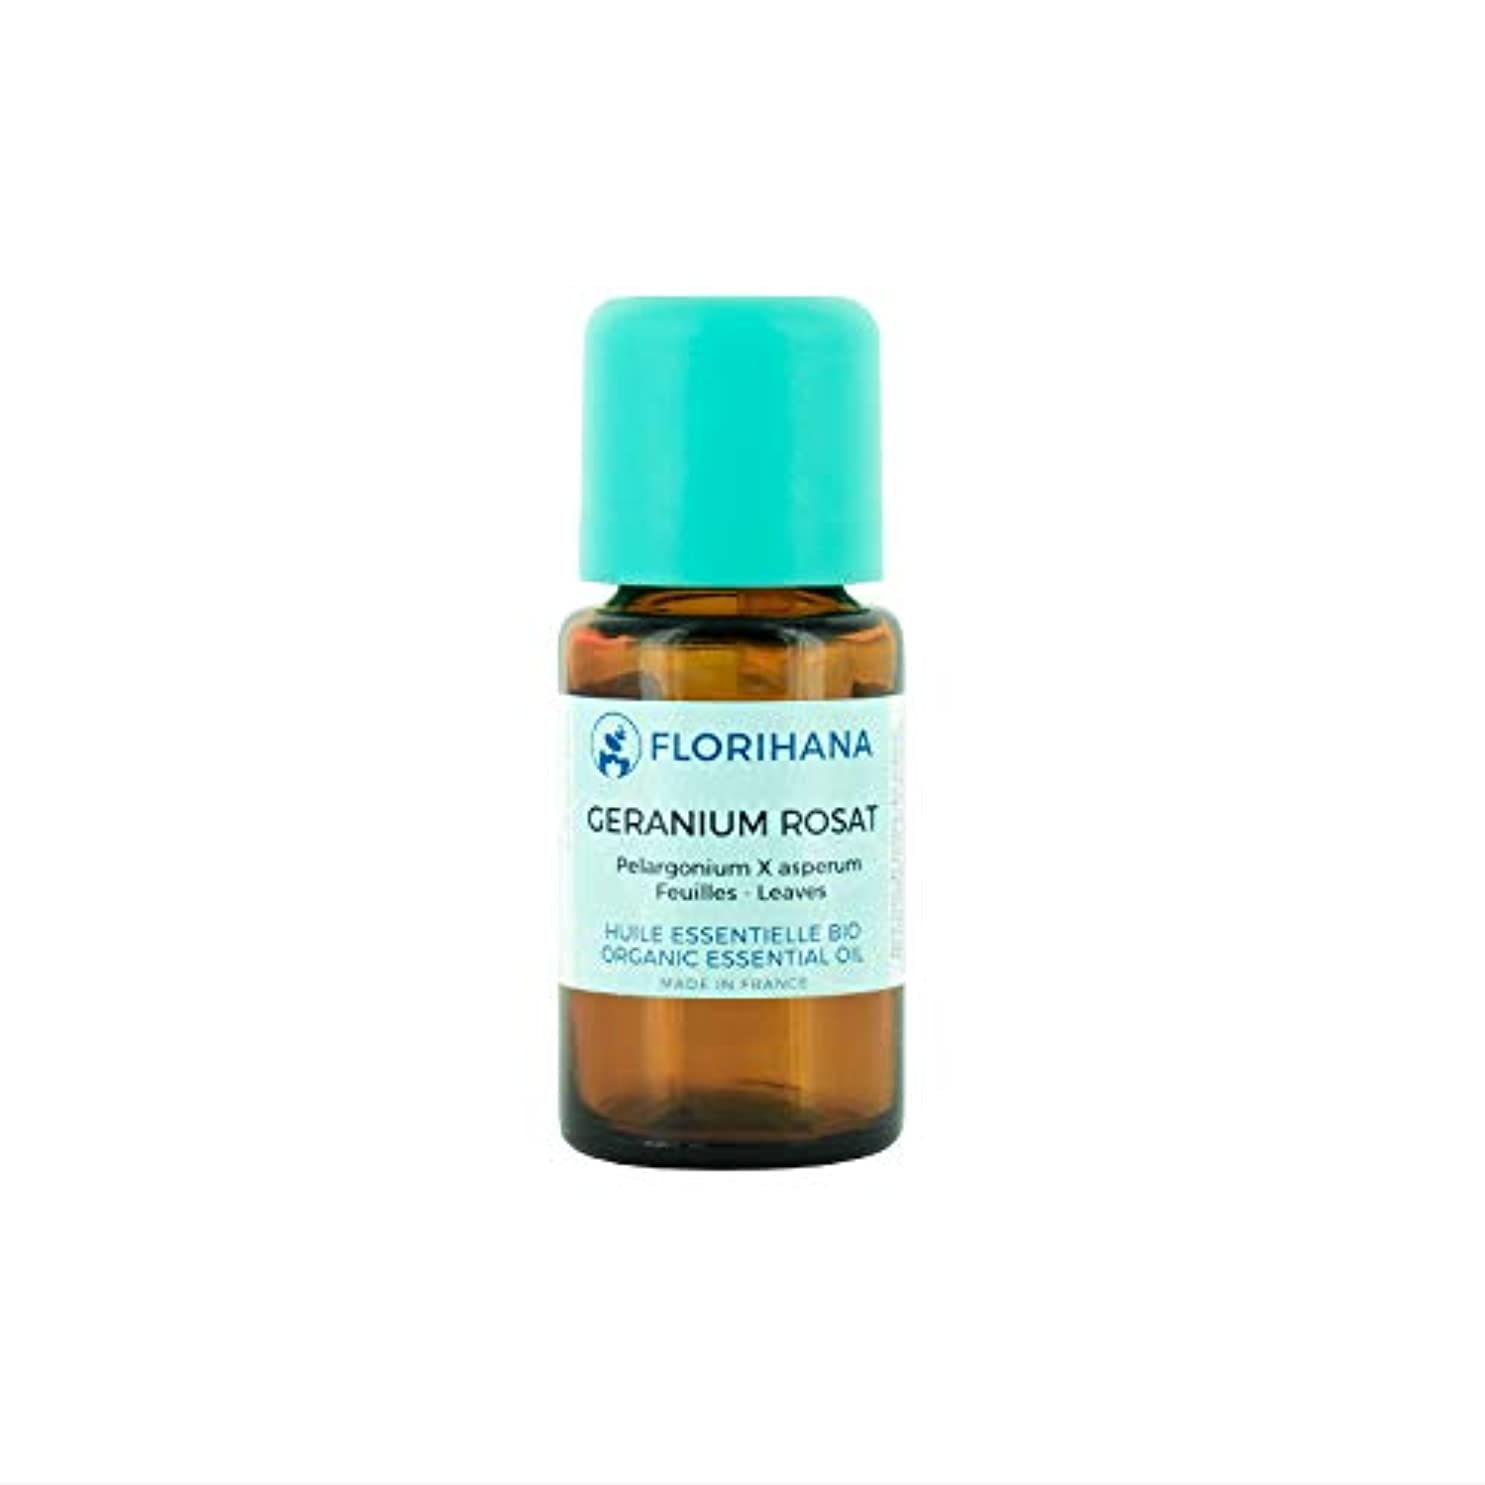 土器血色の良いとんでもないオーガニック エッセンシャルオイル ローズゼラニウム 5g(5.6ml)